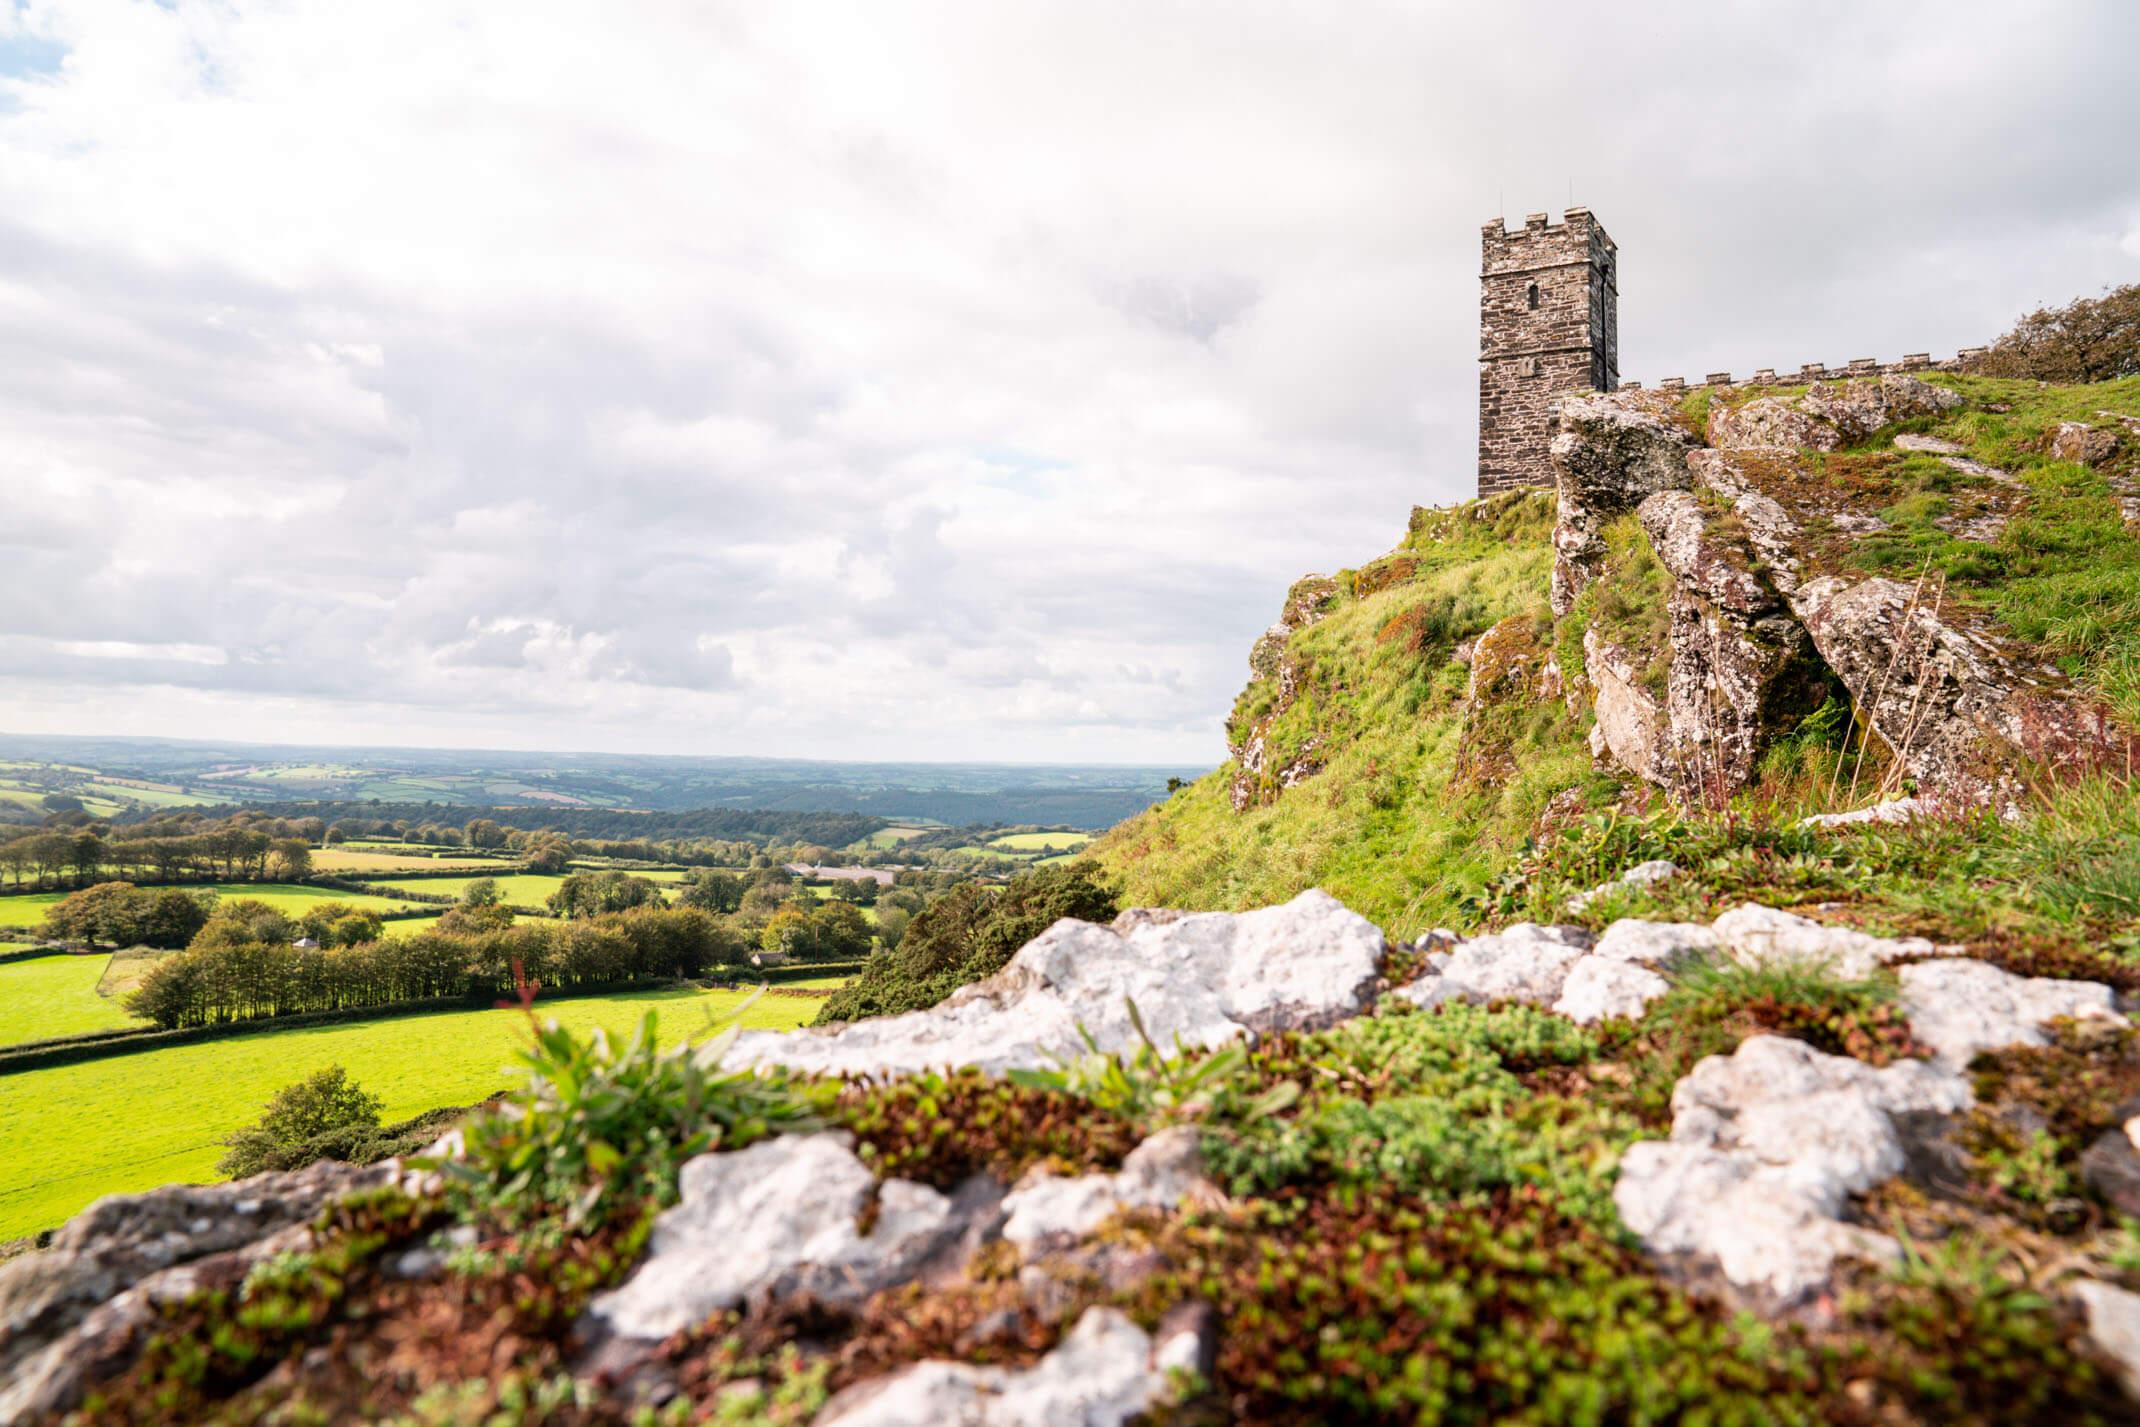 Brentor Church: A guide to exploring Dartmoor National Park, Devon